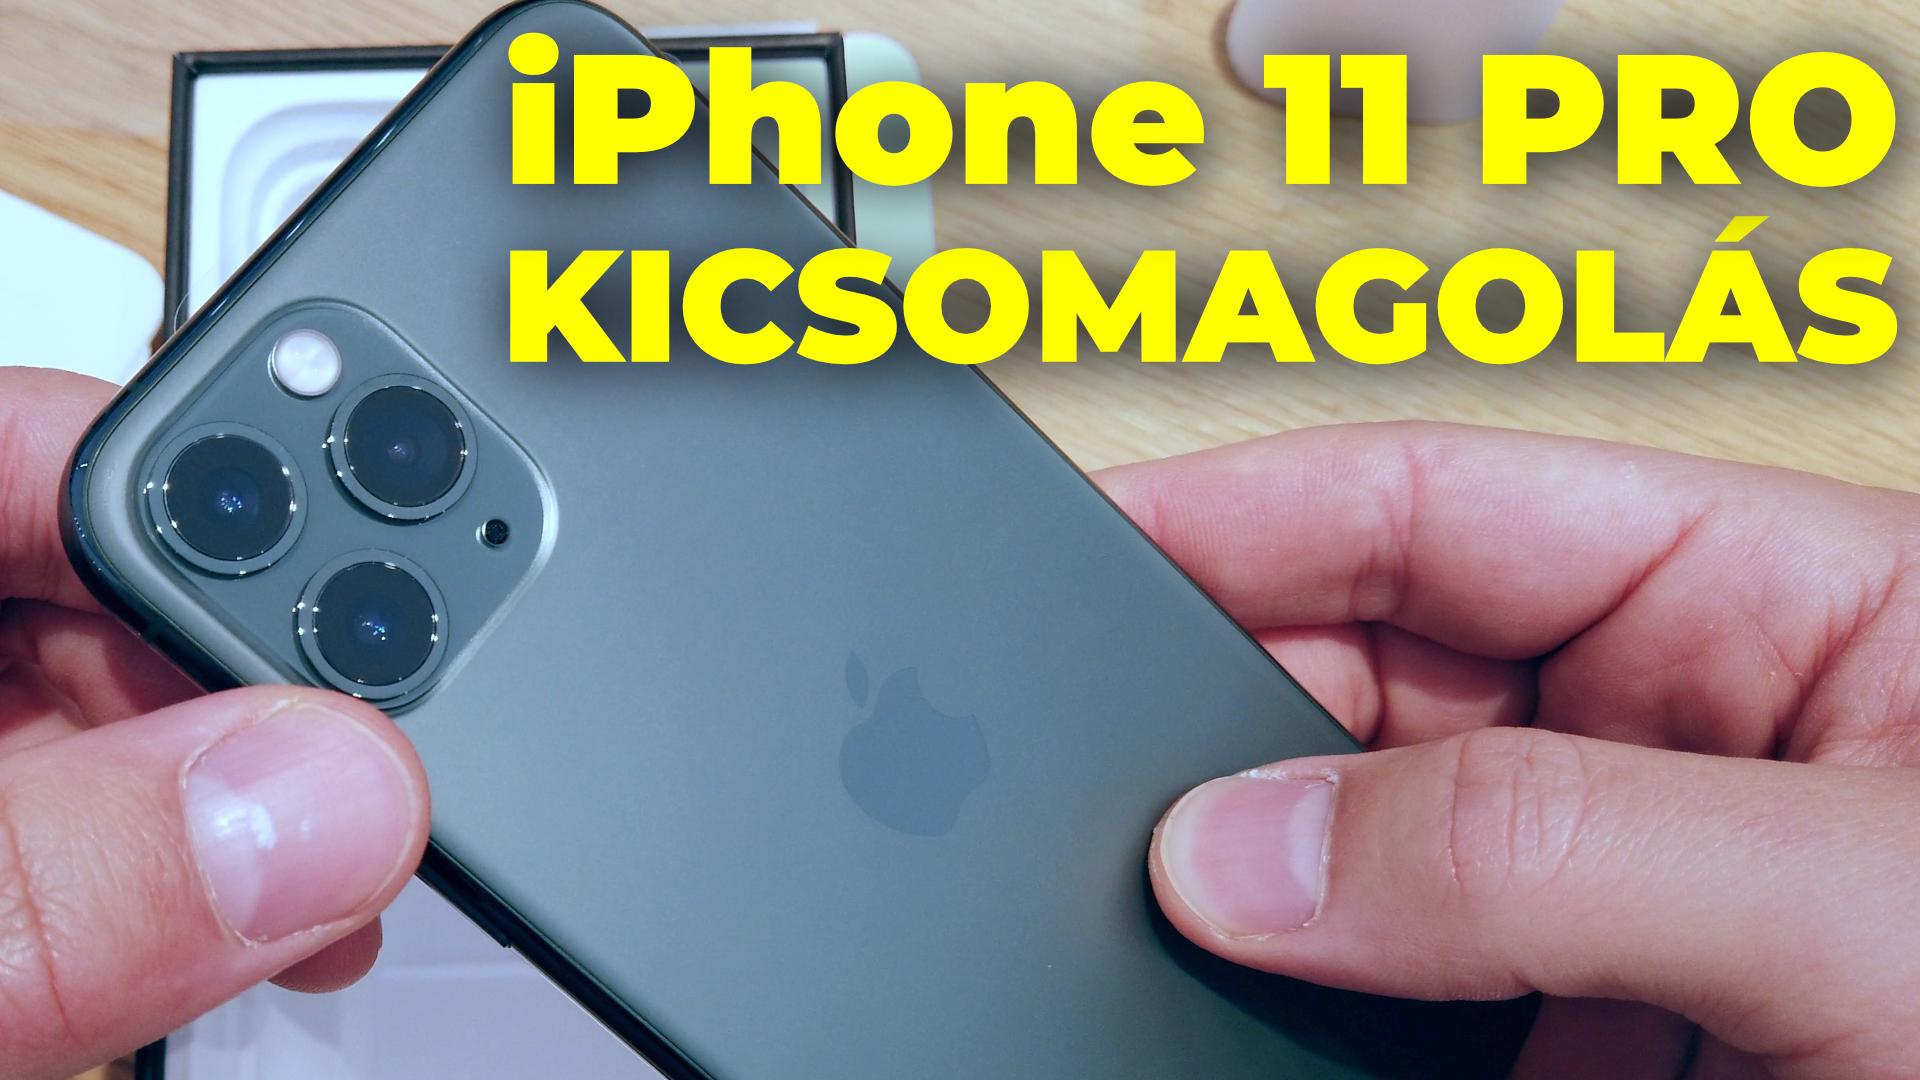 Megjártuk Bécset és elsők közt vettük meg a legújabb iPhone-okat Apple Pie-jal [Videó]